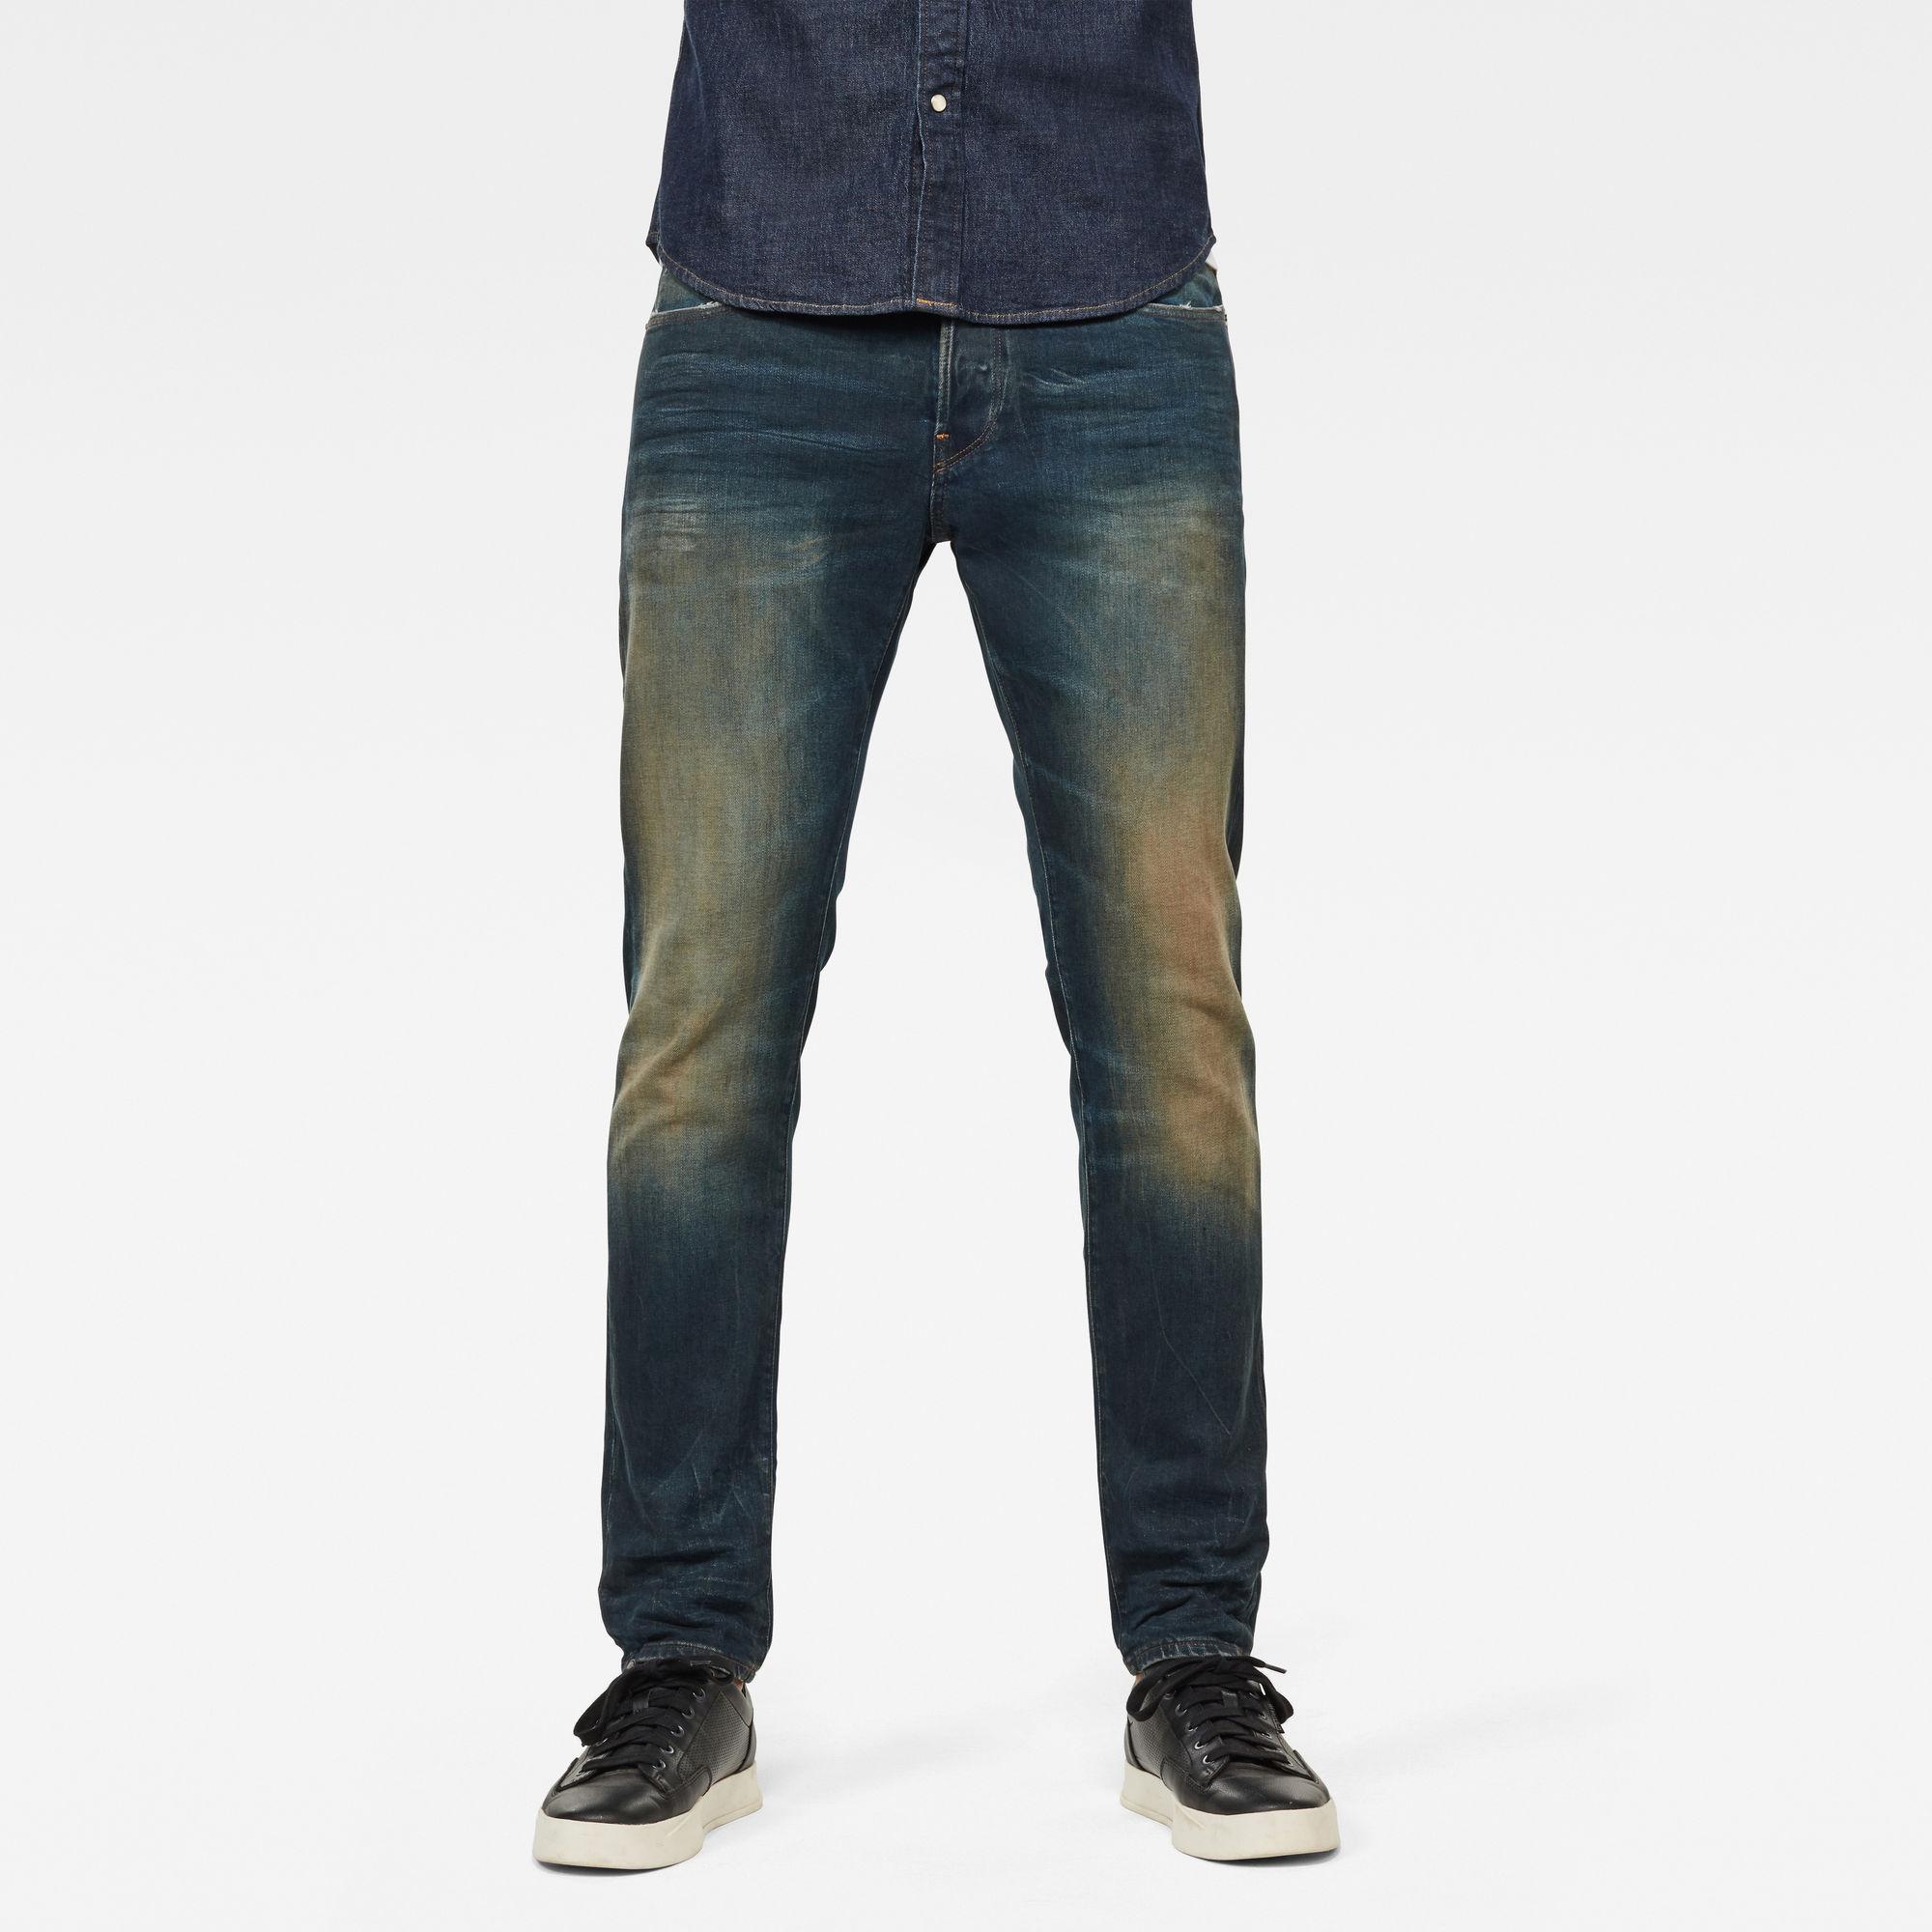 G-Star RAW Heren 3301 Slim Jeans Donkerblauw